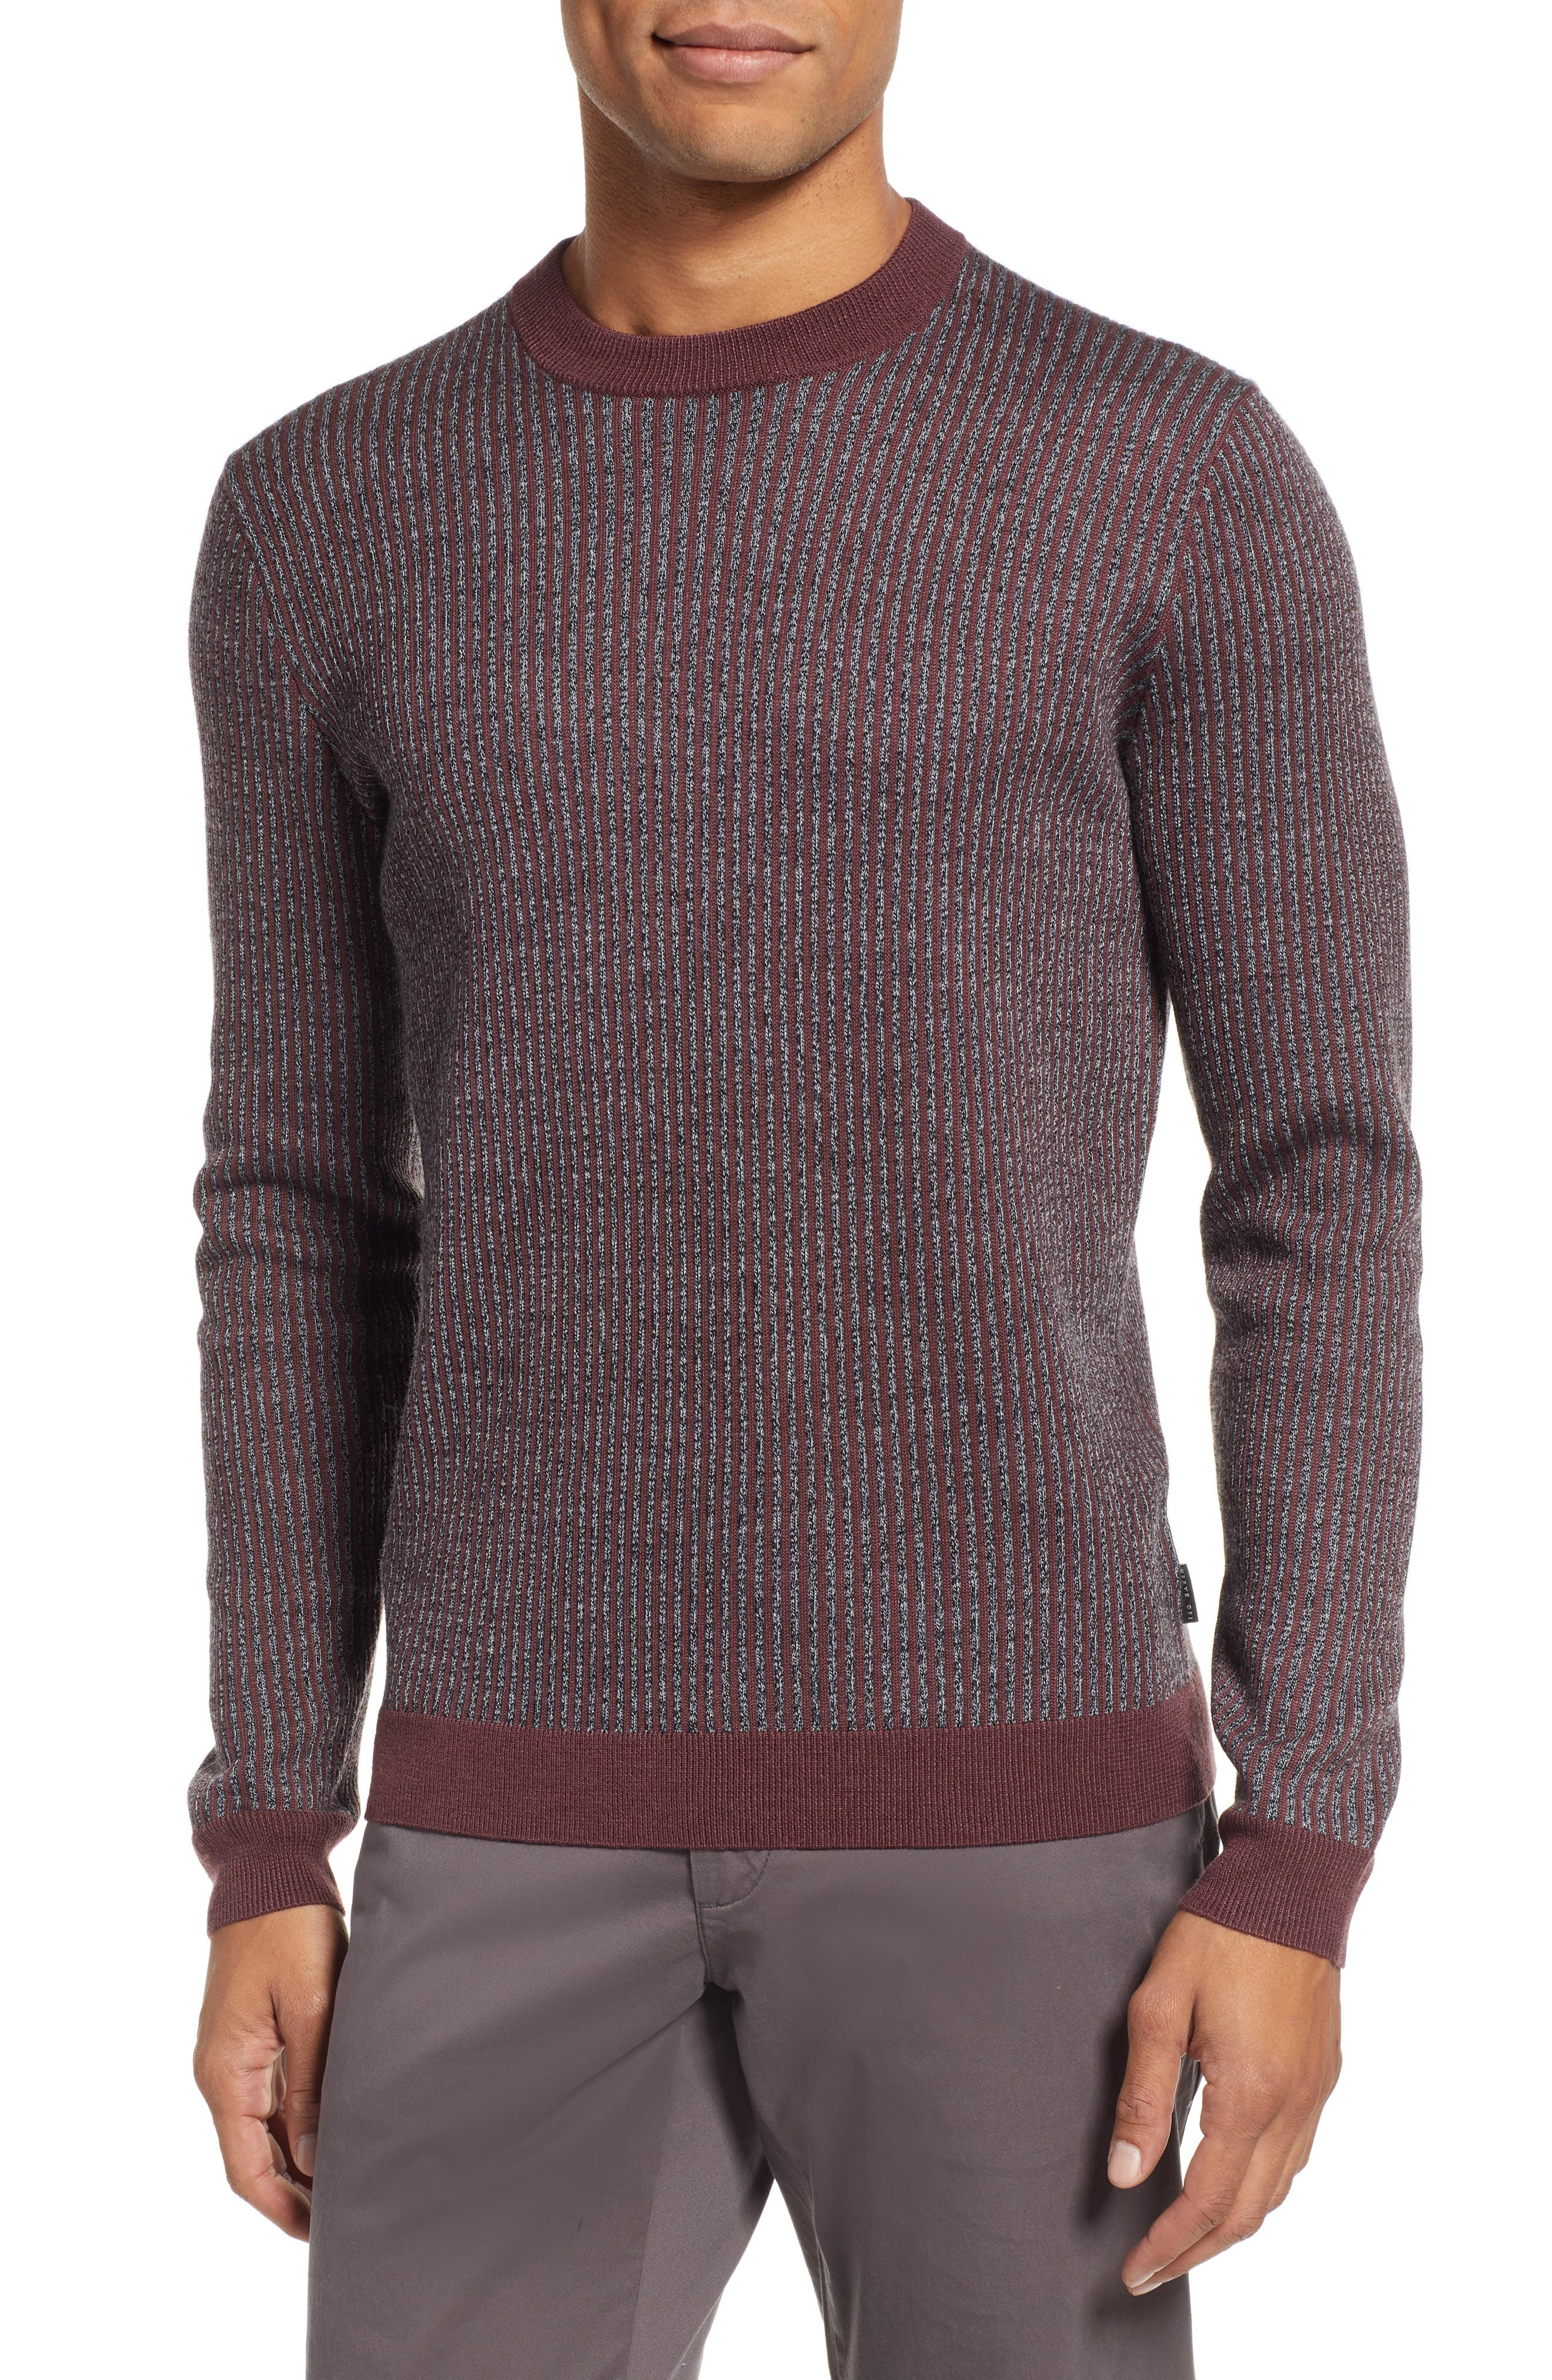 Jinxitt Crewneck Sweater,                         Main,                         color, DEEP-PINK